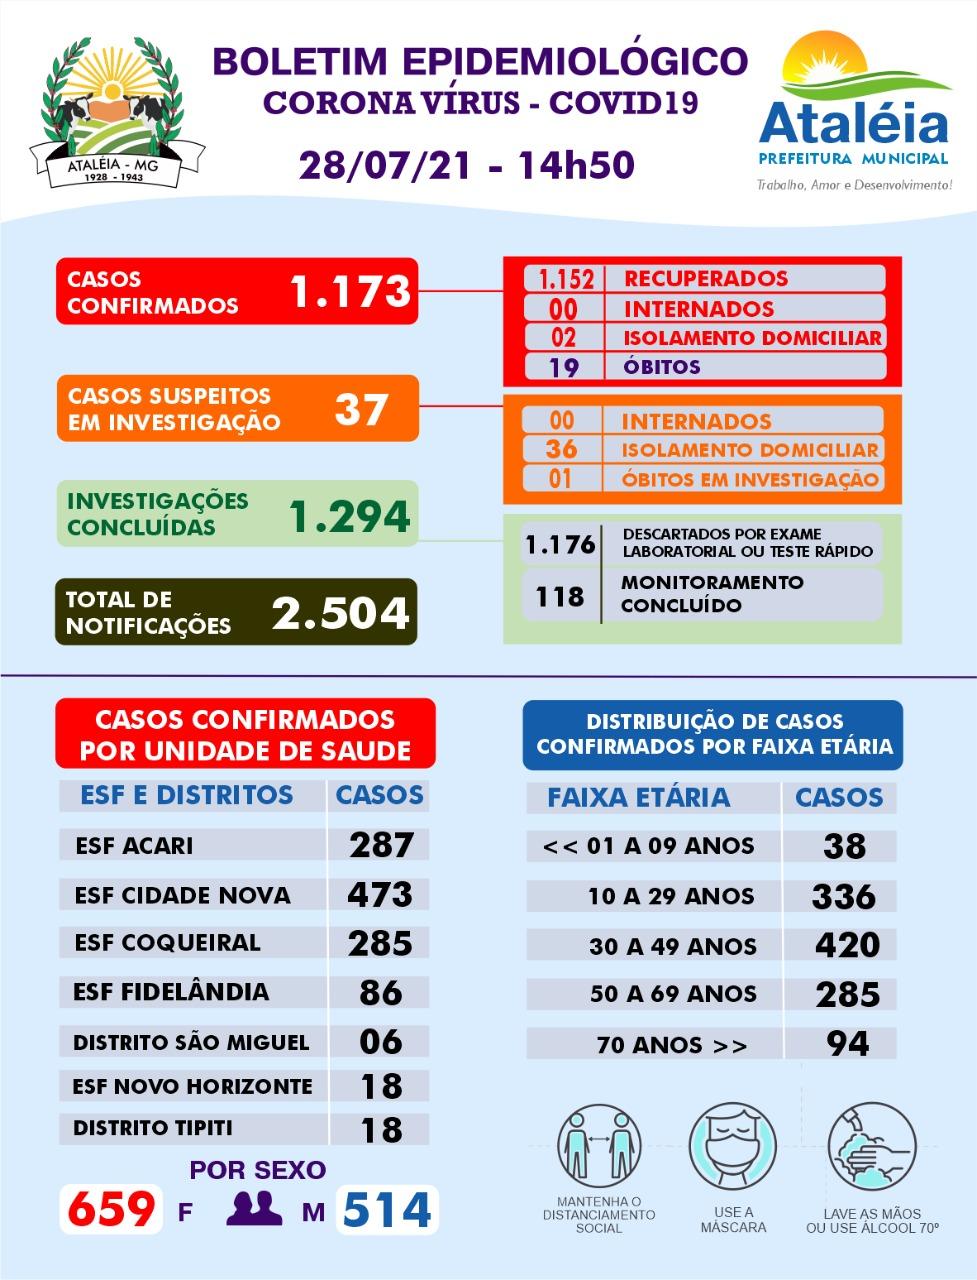 BOLETIM ATUALIZADO - 28 DE JULHO DE 2021 📊🚑